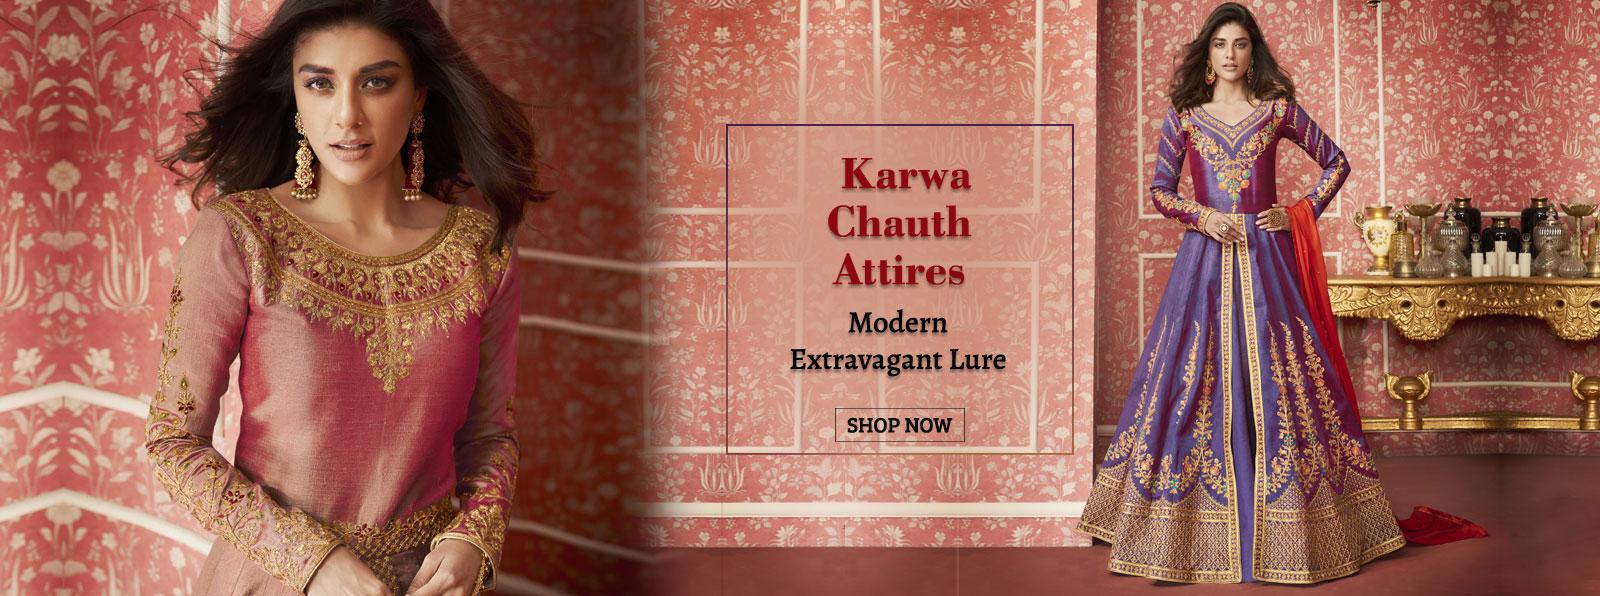 dresses_for_karwachauth